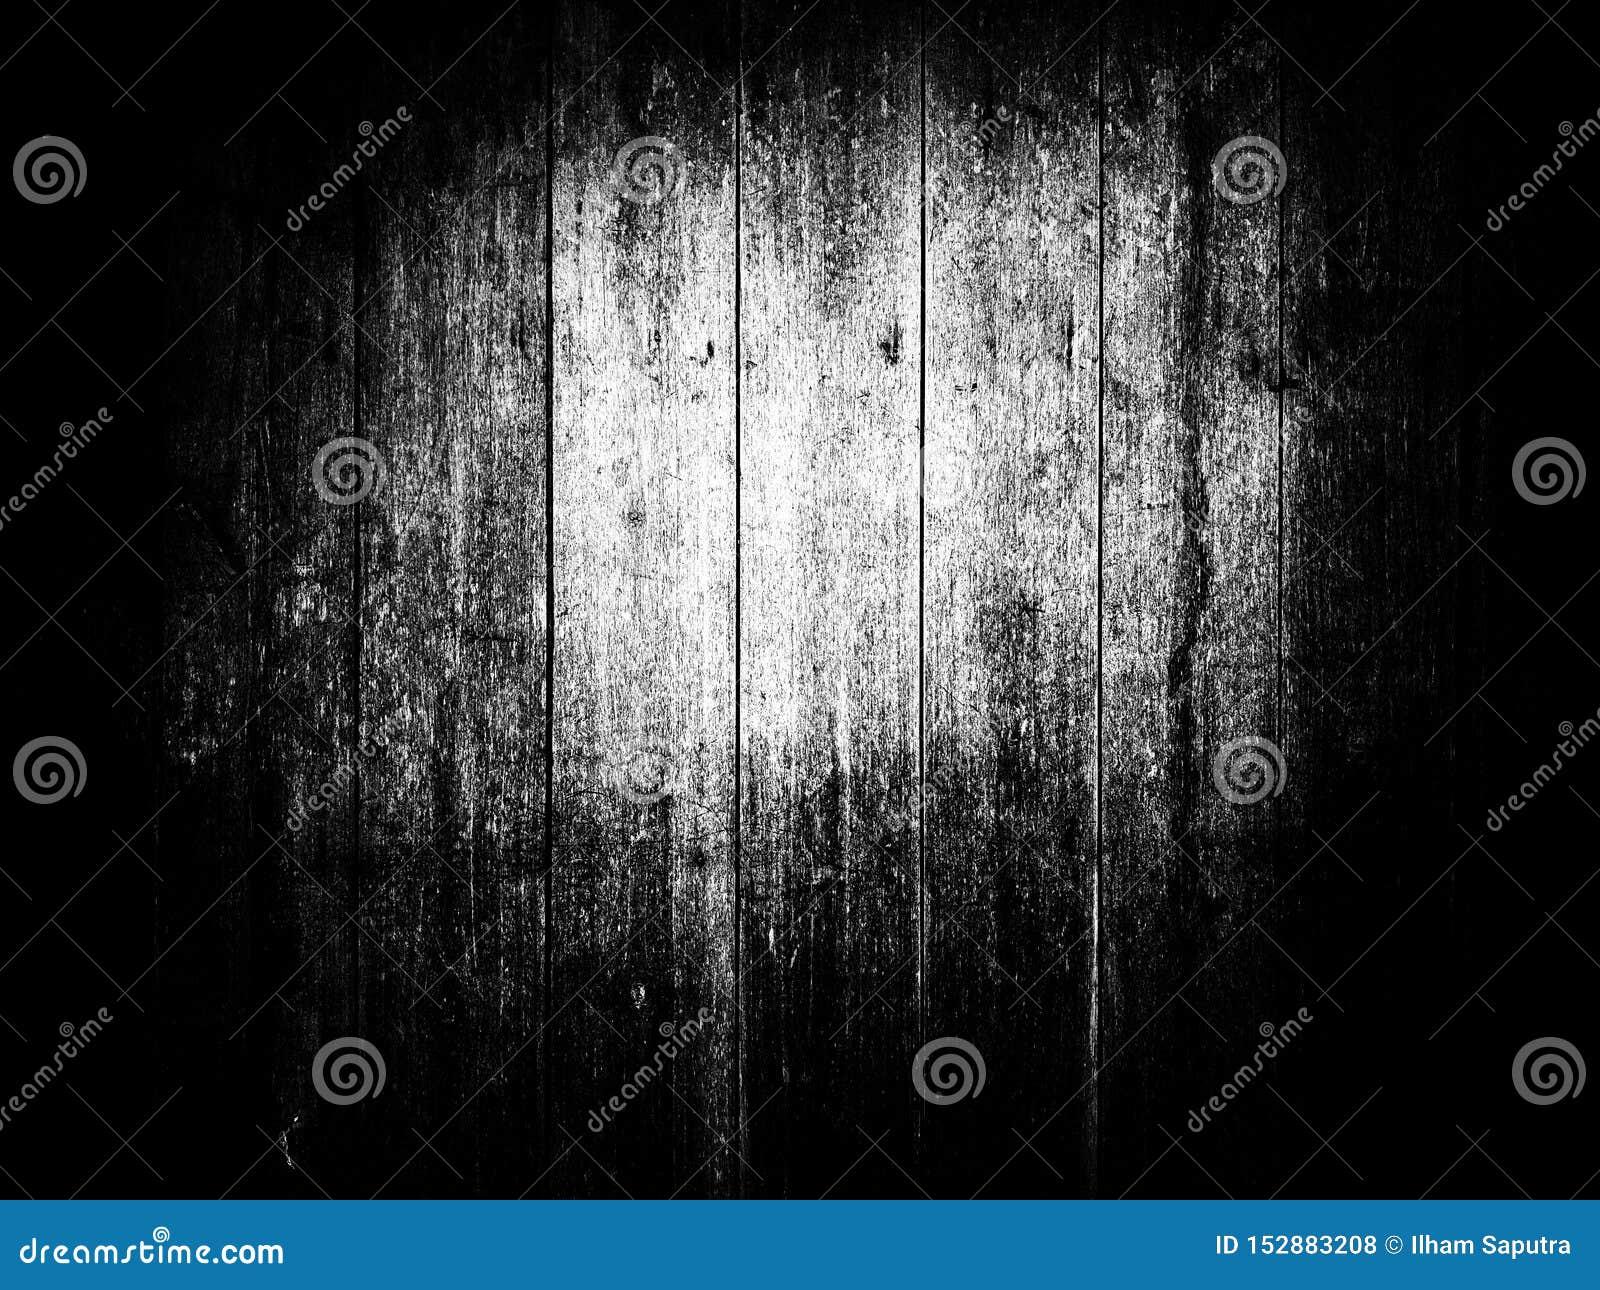 Деревянная текстура картины на черно-белом